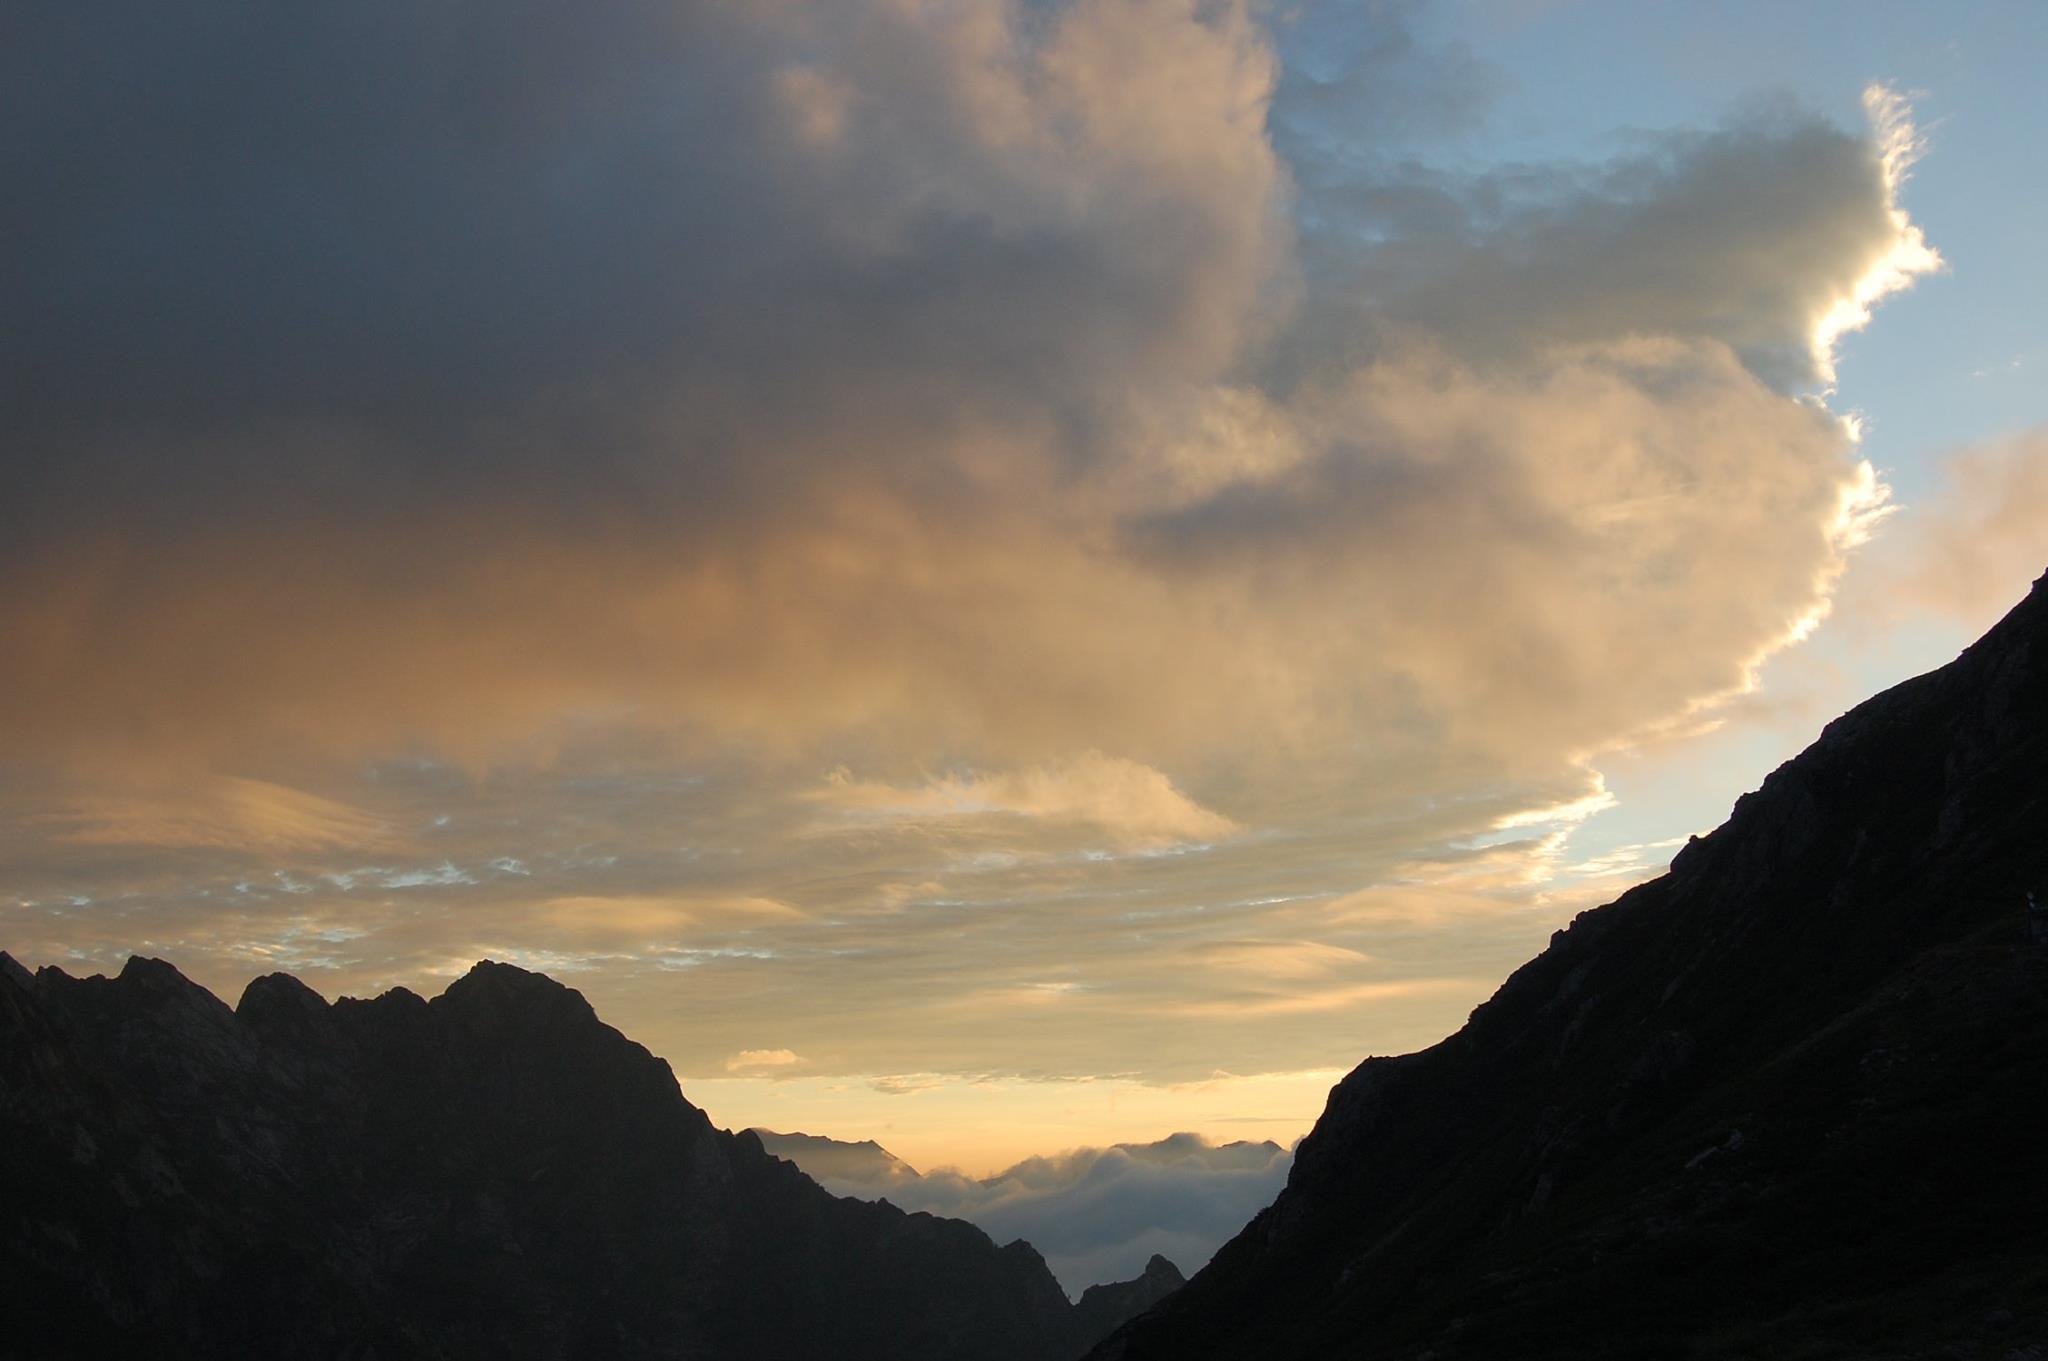 八事教会 2015年2聖書の言葉 八ツ峰と後立山(撮影場所、剣沢小屋)